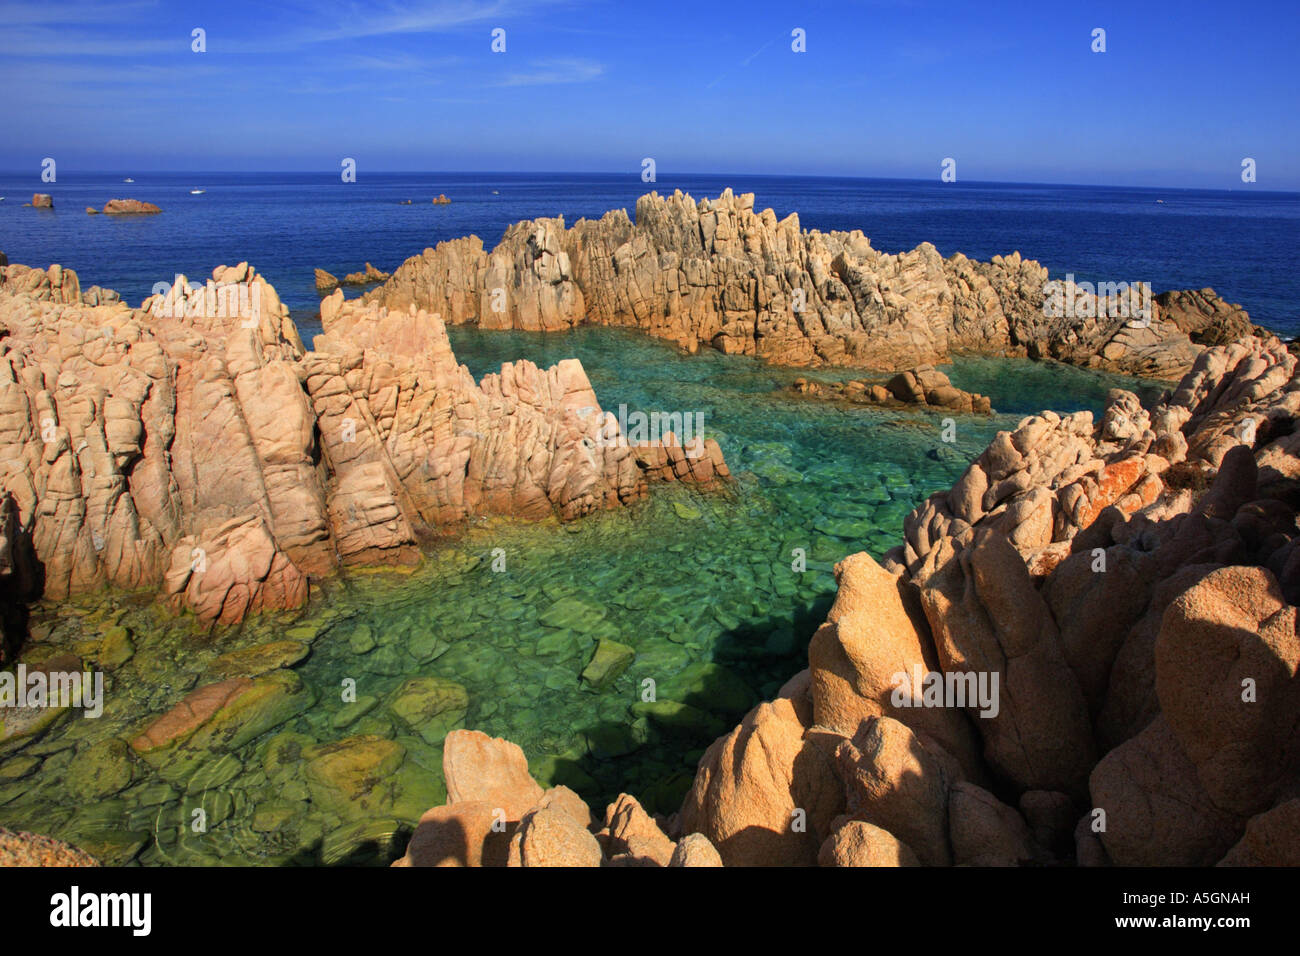 red cliffs , Italy, Sardegna, Costa Paradiso, Costa Paradiso Stock Photo